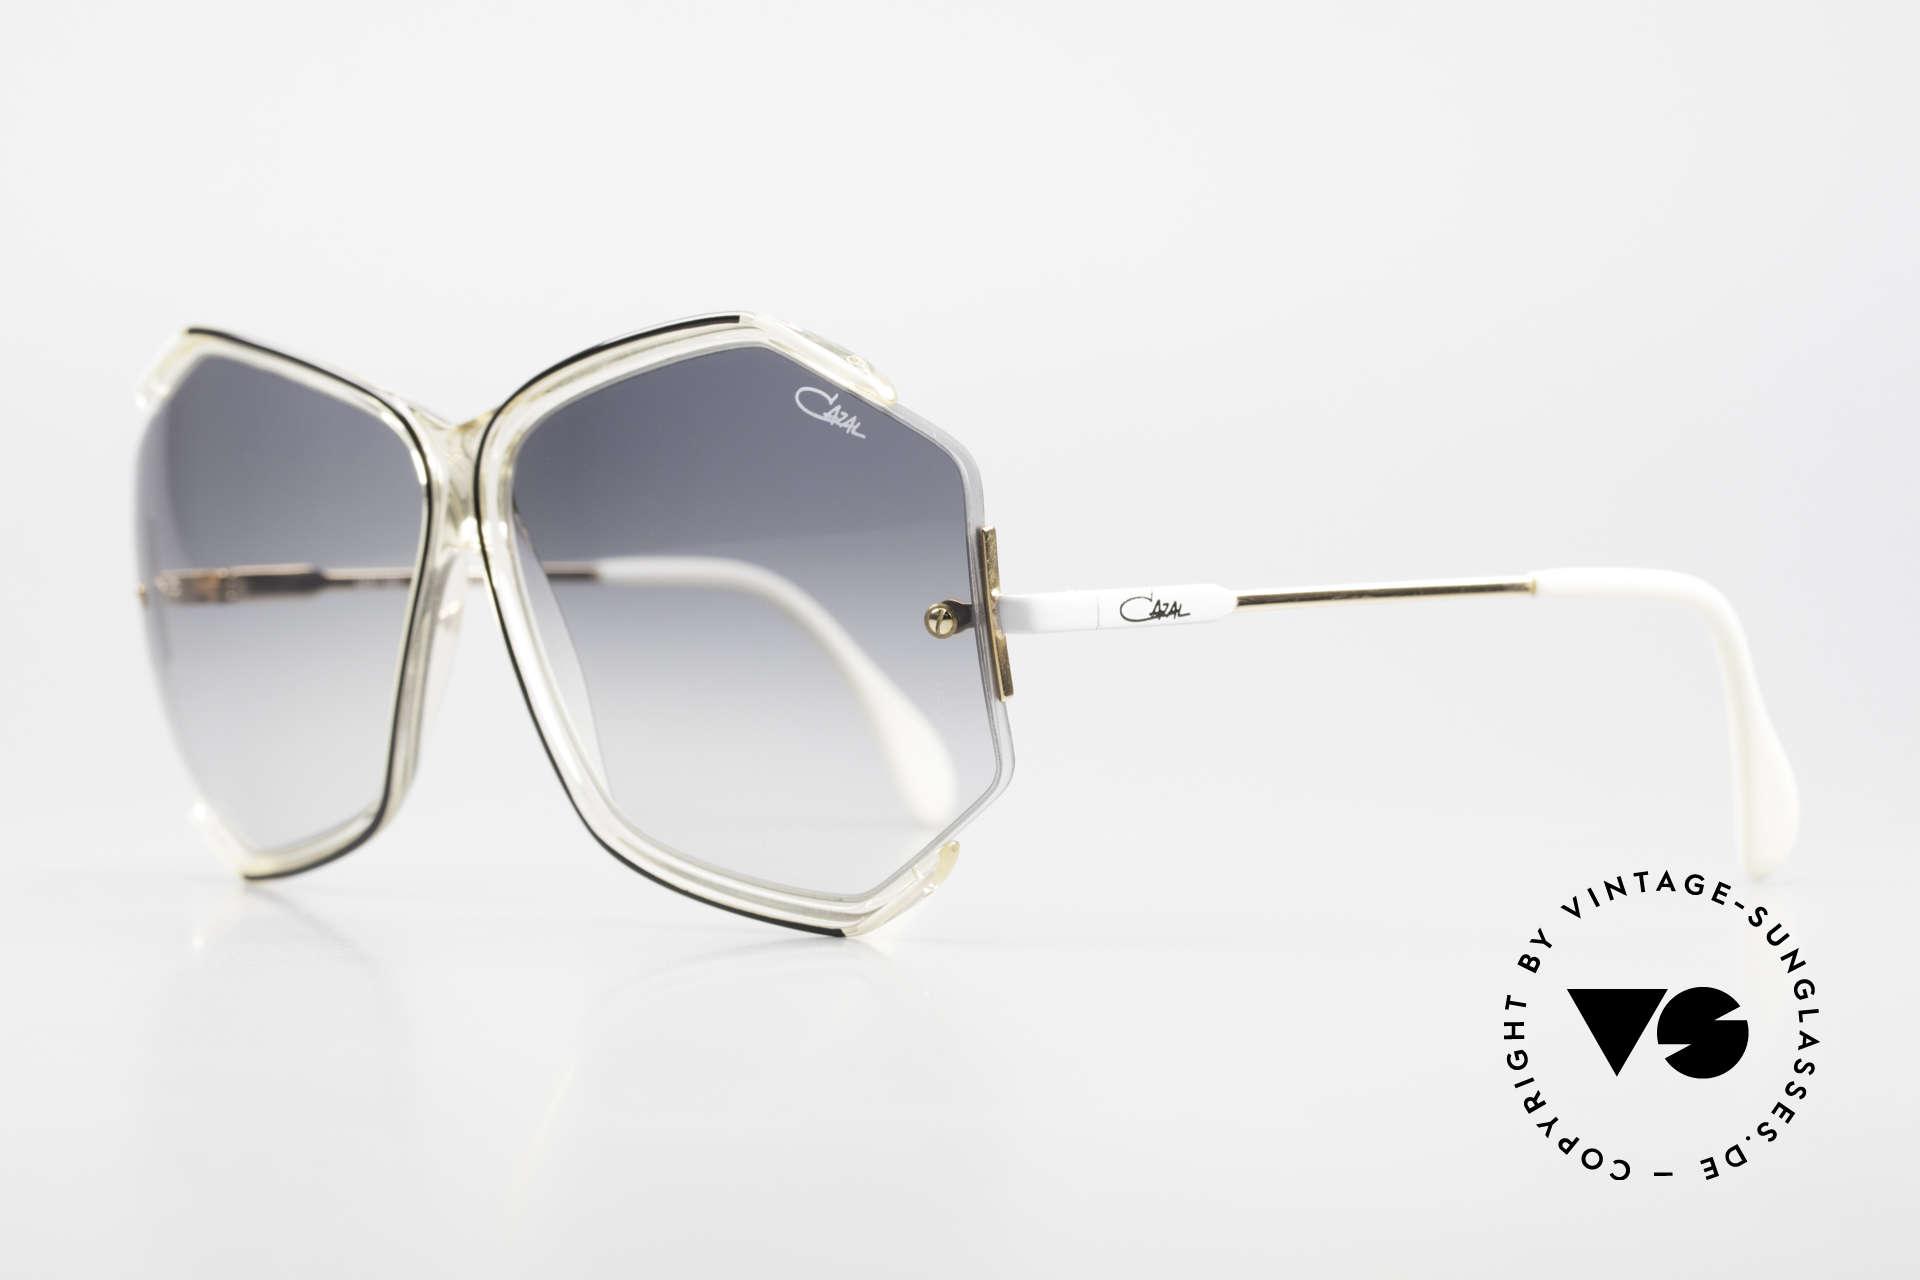 Cazal 852 Riesige 80er Vintage Brille, subtil extravagant (ein wahres Designerstück eben), Passend für Damen